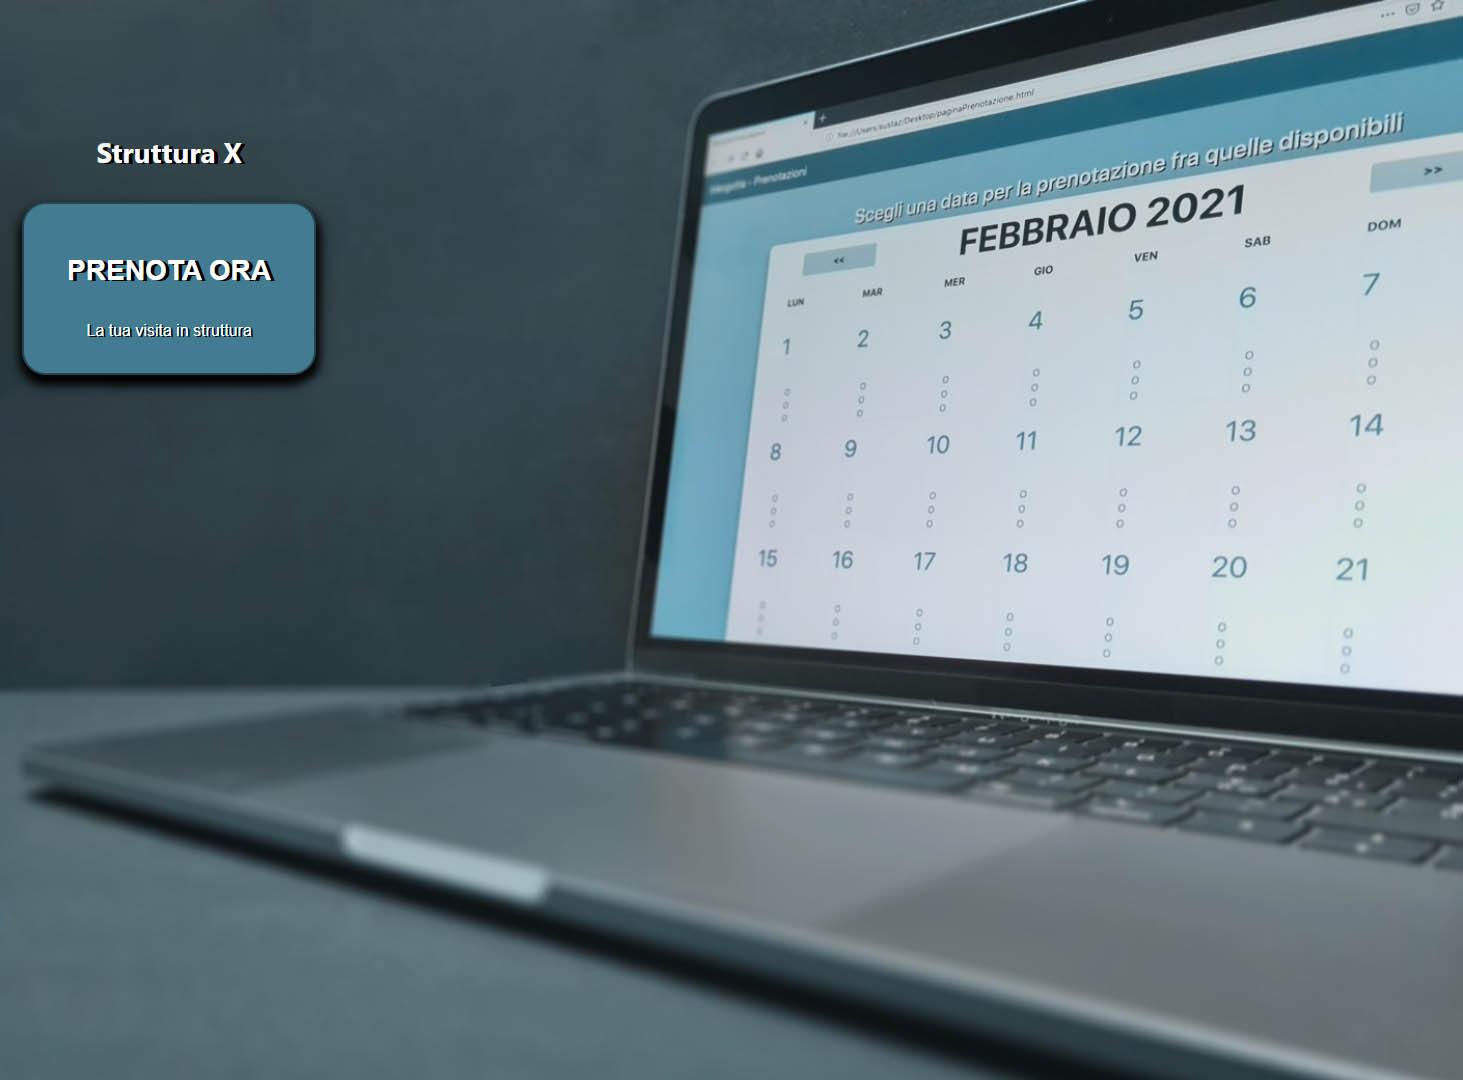 Vengo da te, software prenotazioni visite schermata calendario